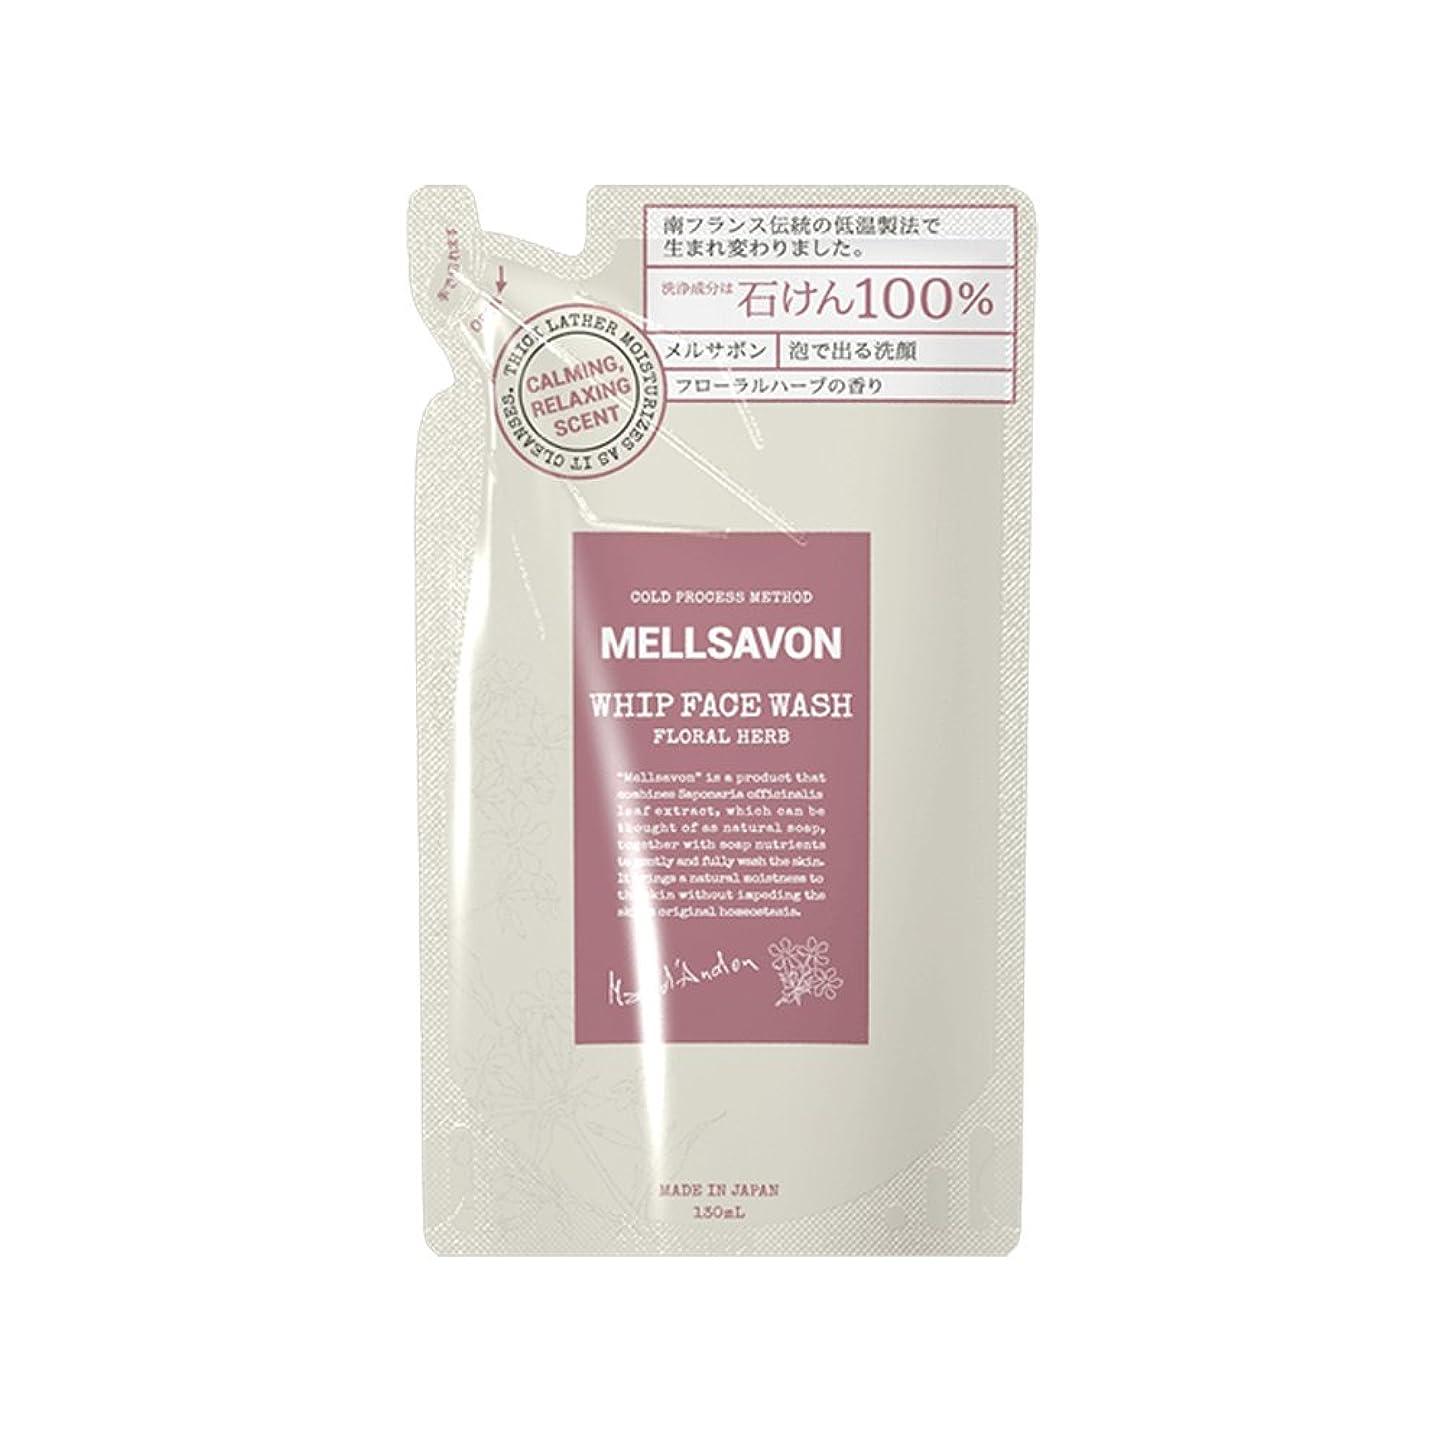 クロス剃るイースターMellsavon(メルサボン) メルサボン ホイップフェイスウォッシュ フローラルハーブ 詰替 130mL 洗顔